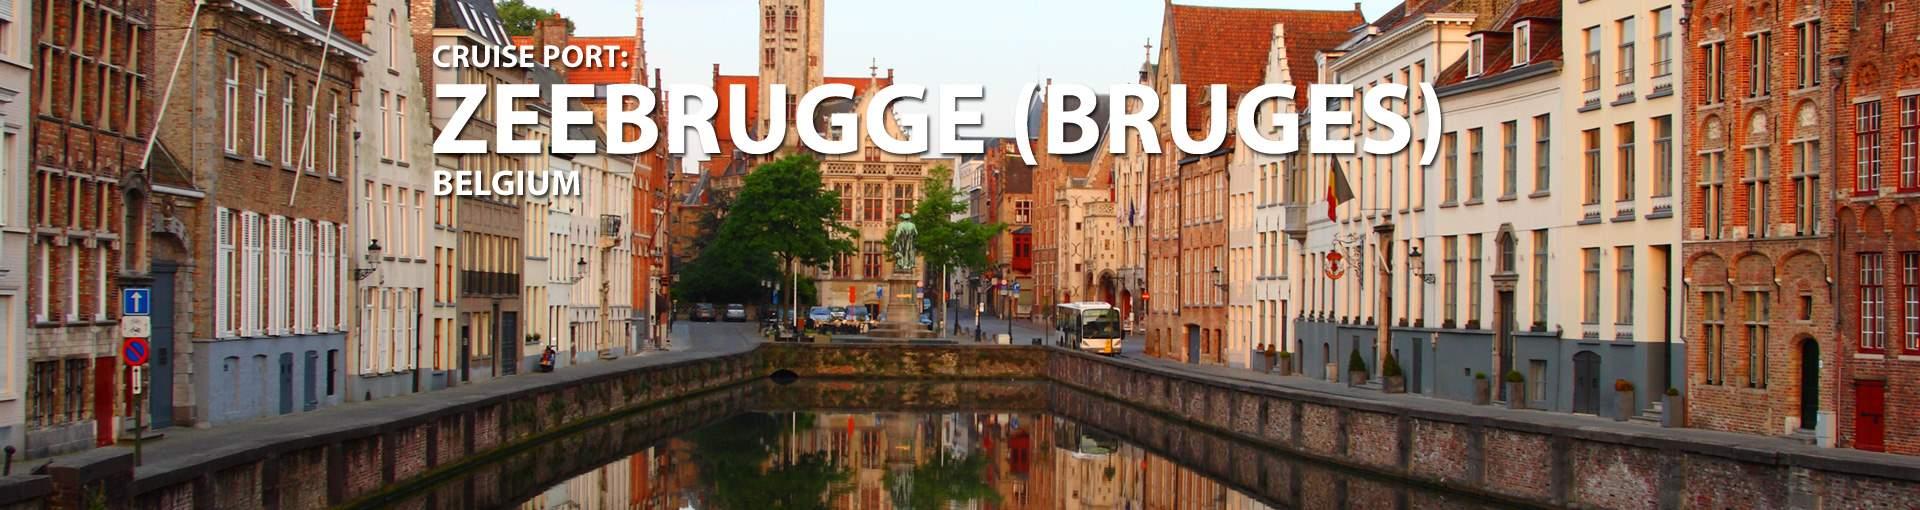 Cruises to Zeebrugge (Bruges), Belgium